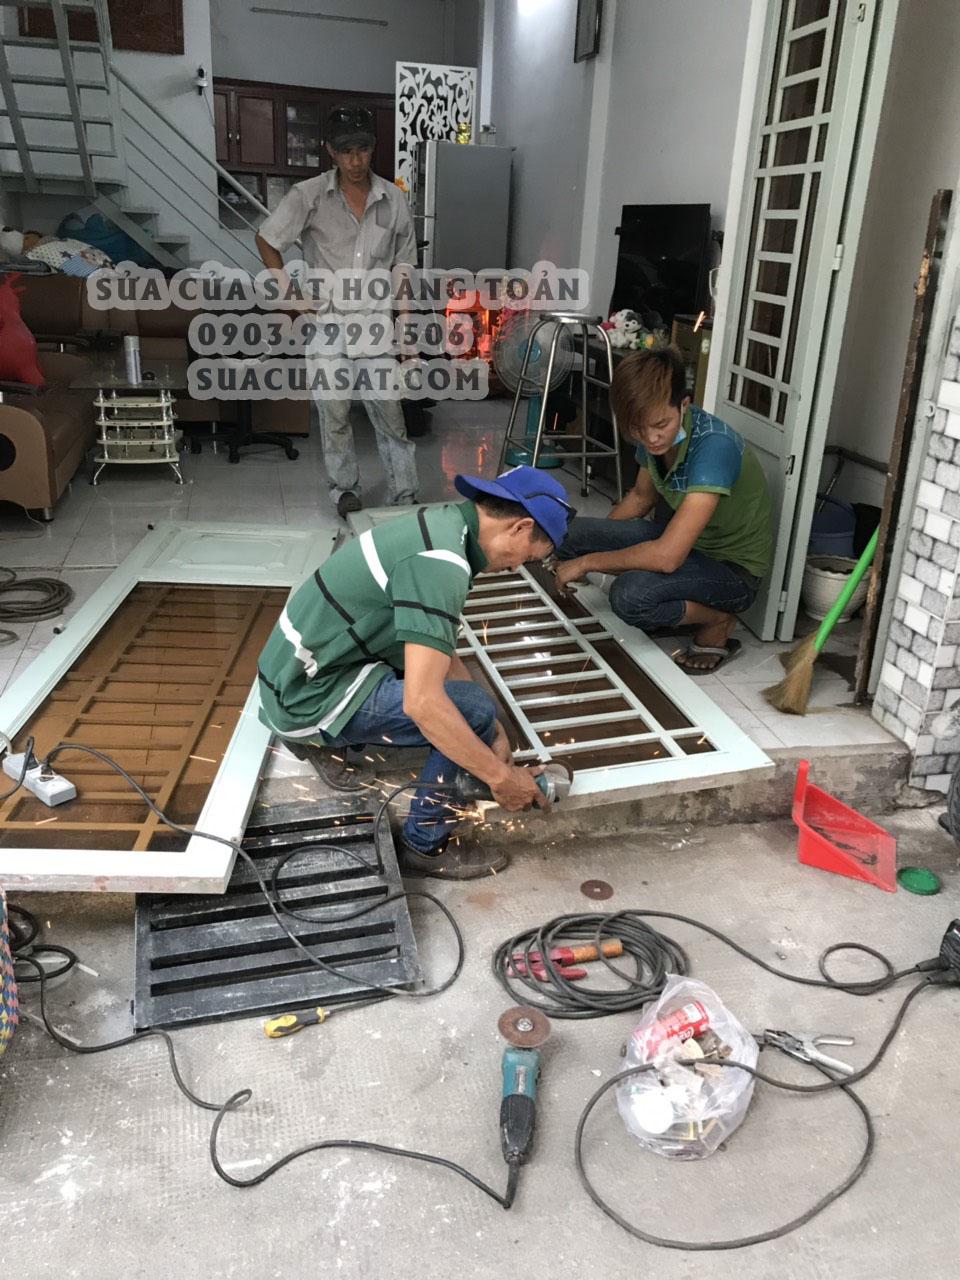 Thợ sửa cửa sắt tại nhà TPHCM uy tín, chuyên nghiệp và tận tâm